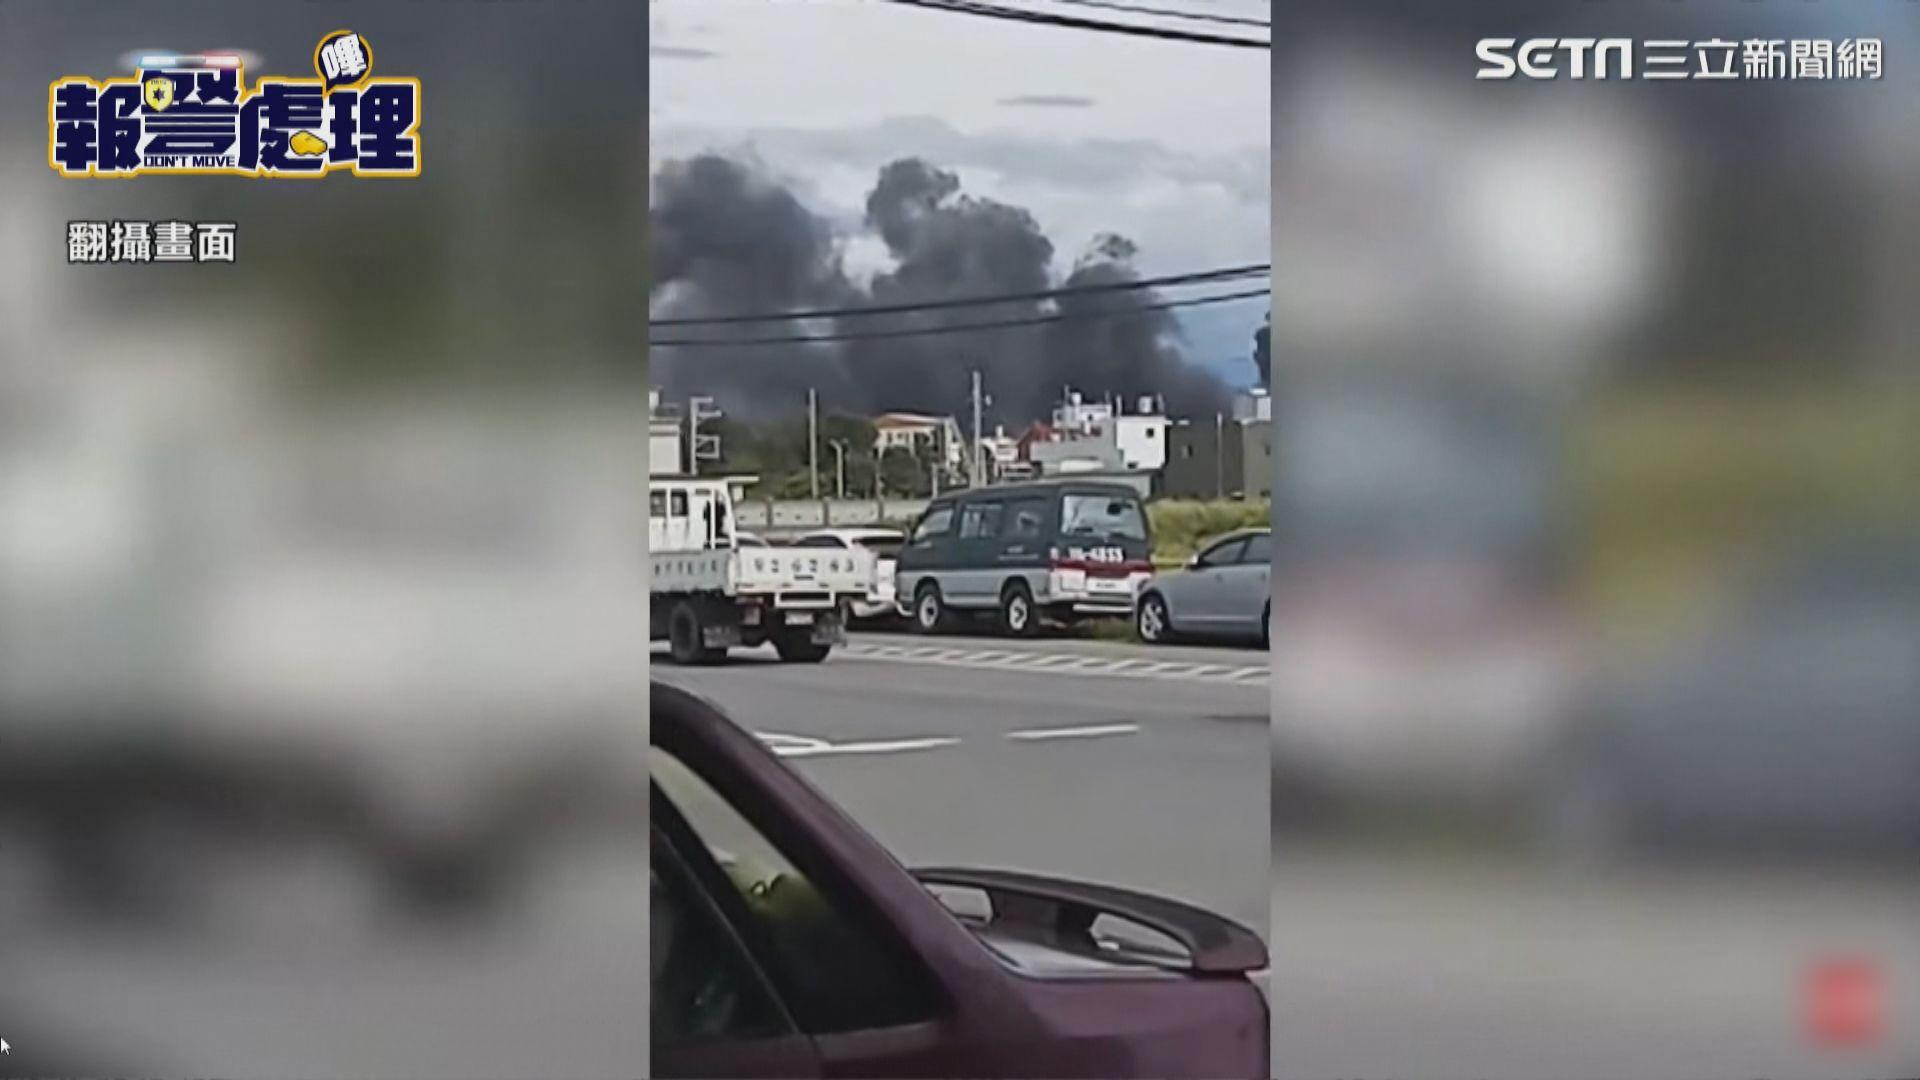 台灣參與漢光軍演直升機墜落地面 兩官兵罹難